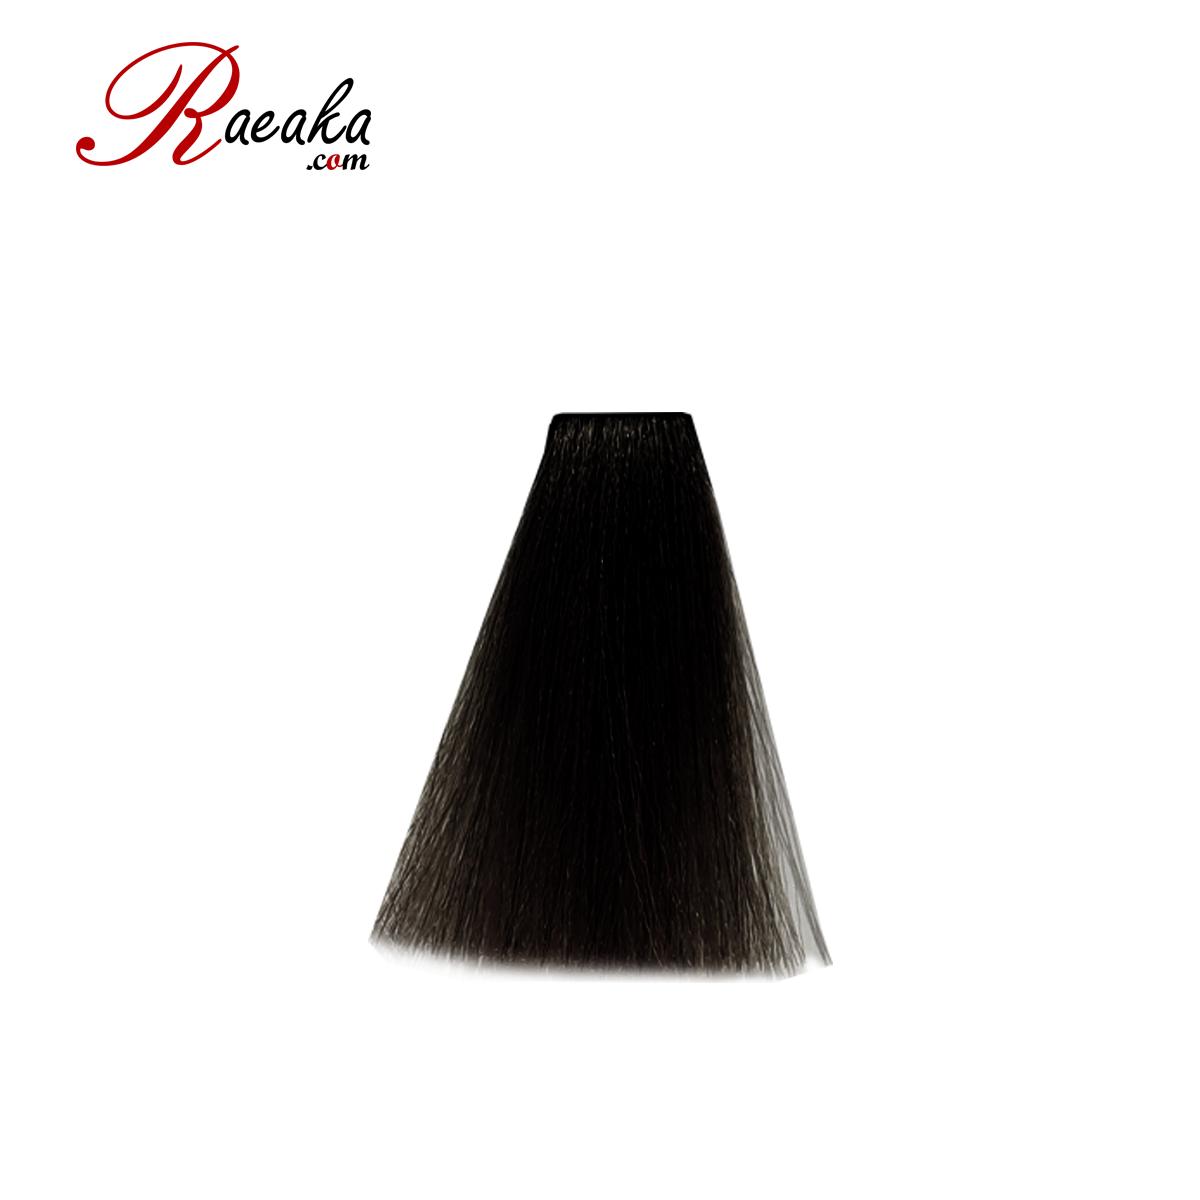 رنگ مو دوماسی سری دودی قهوه ای دودی متوسط ۴٫۱ حجم ۱۲۰ میلی لیتر